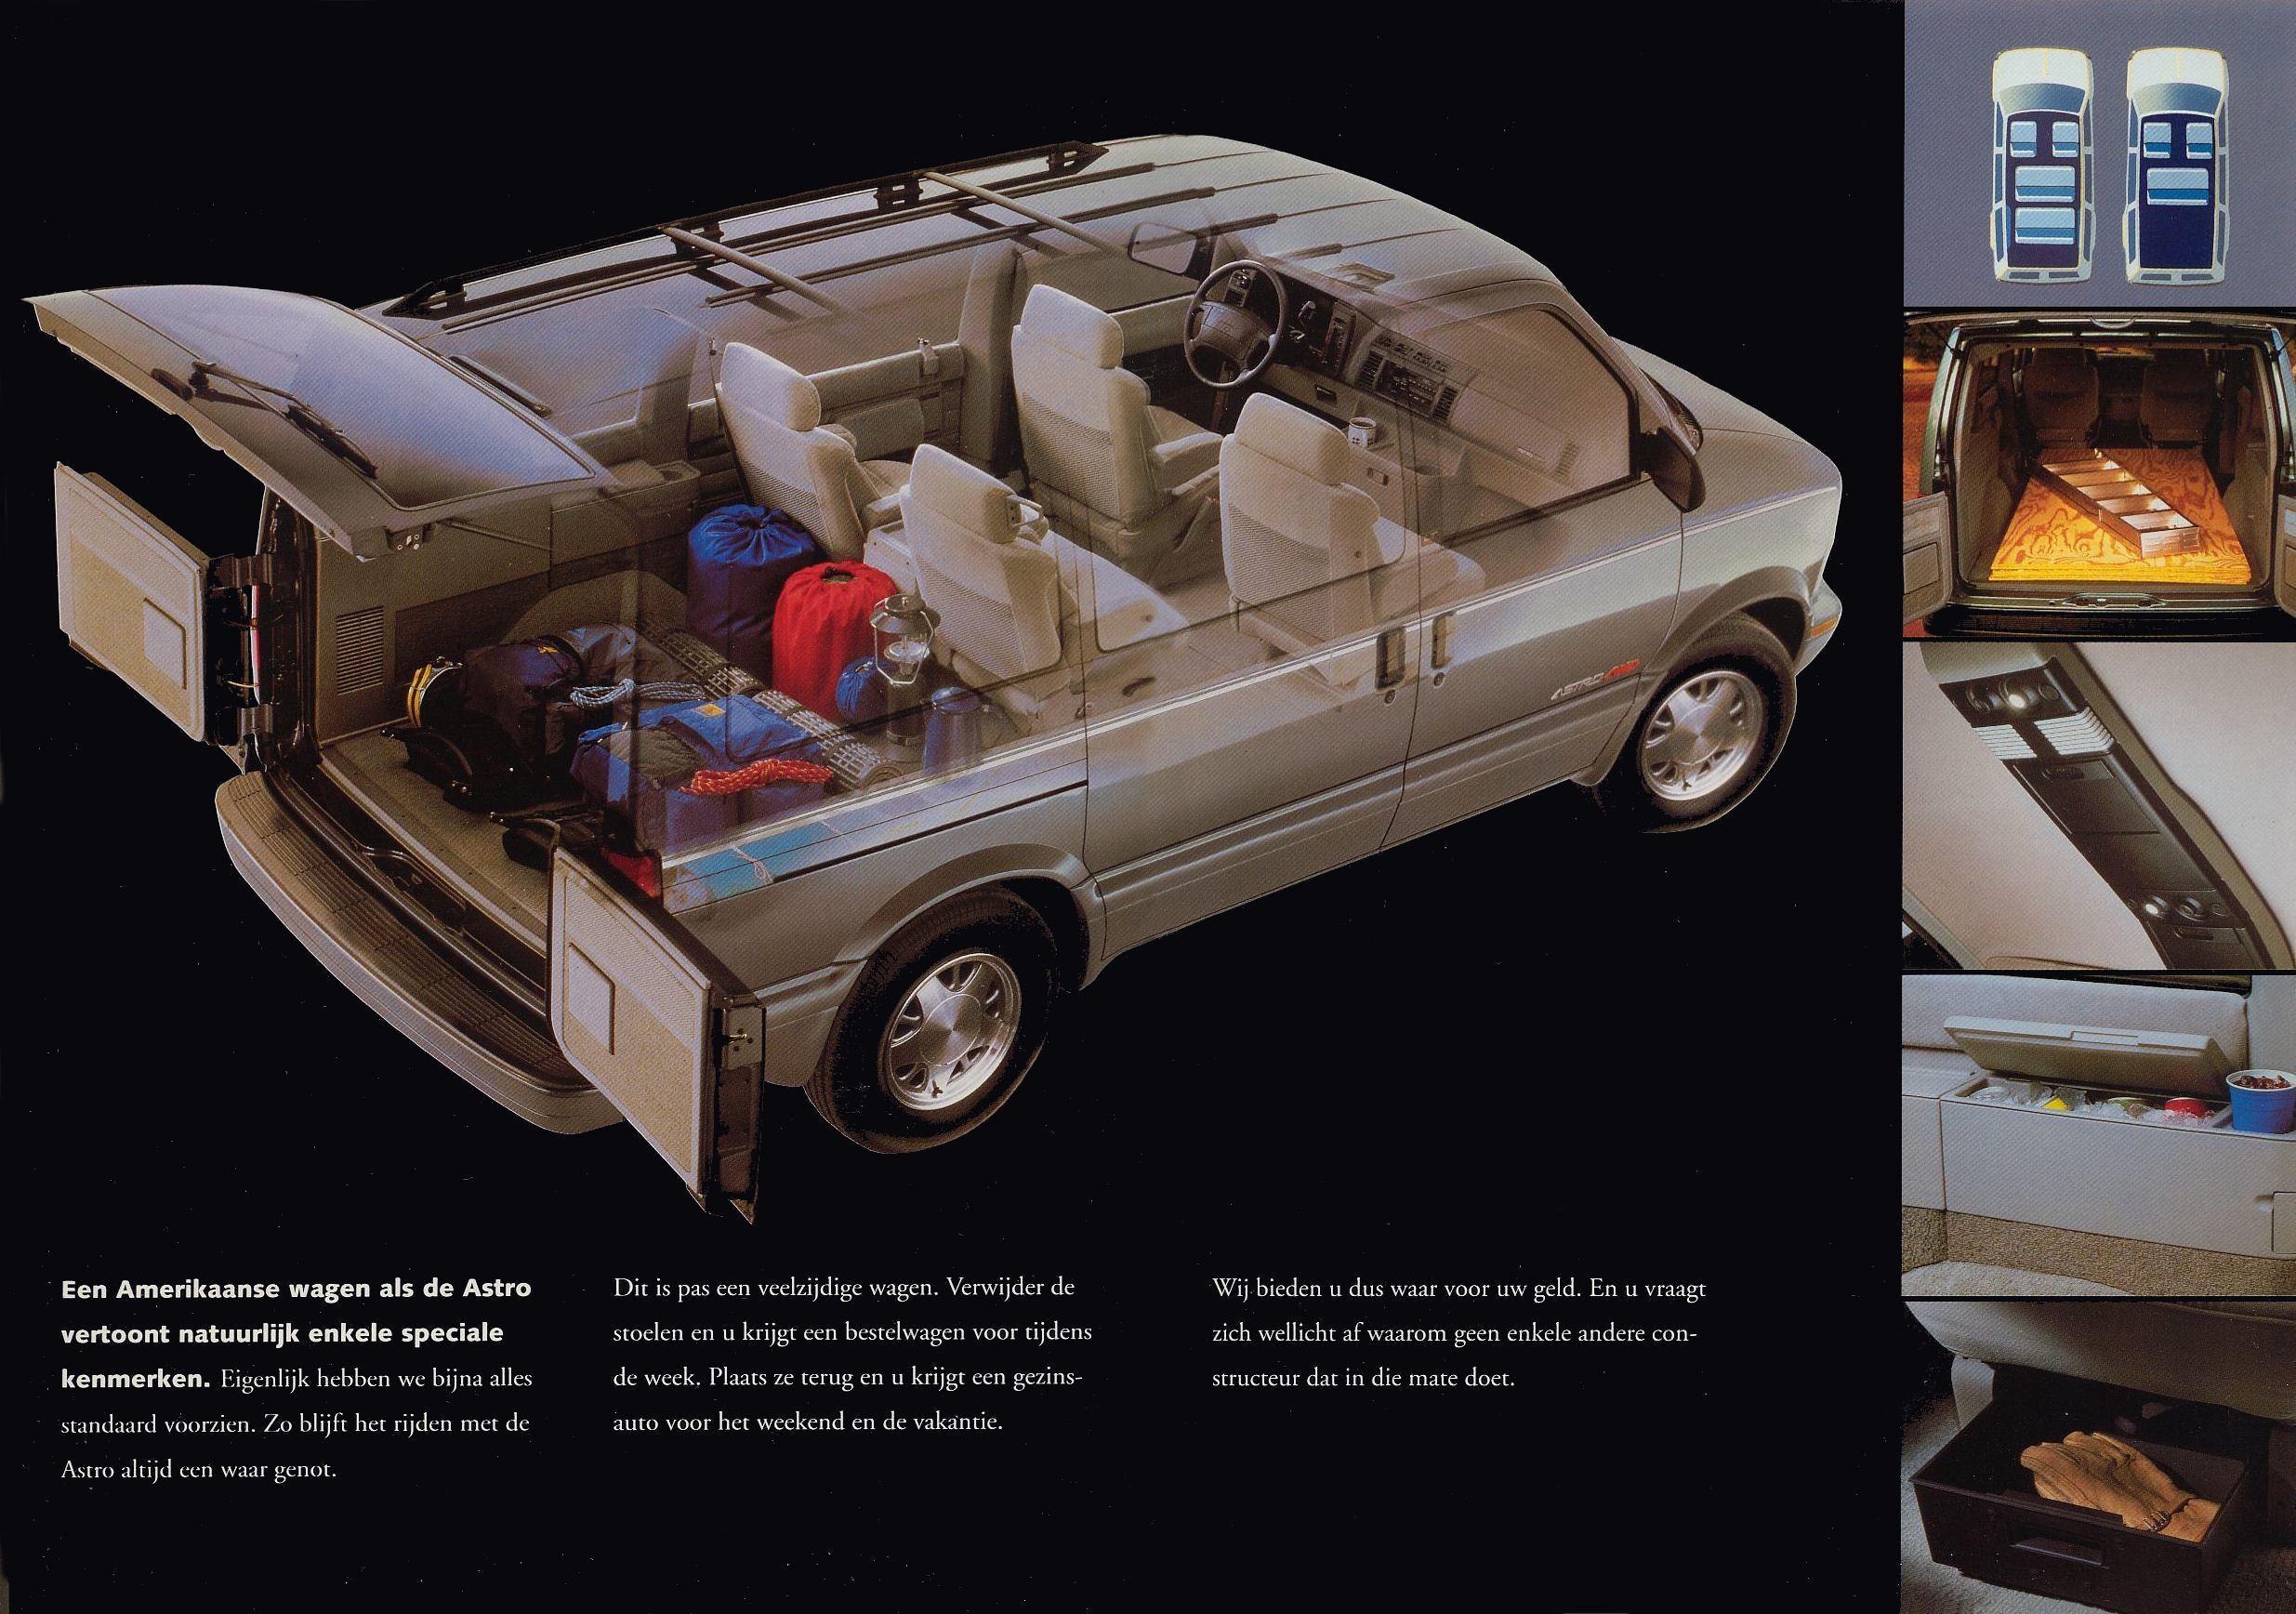 1985 2005 gmc safari chevrolet astro m body platform it rolls rh itrolls wordpress com 2012 GMC Safari Van 2005 gmc safari repair manual pdf